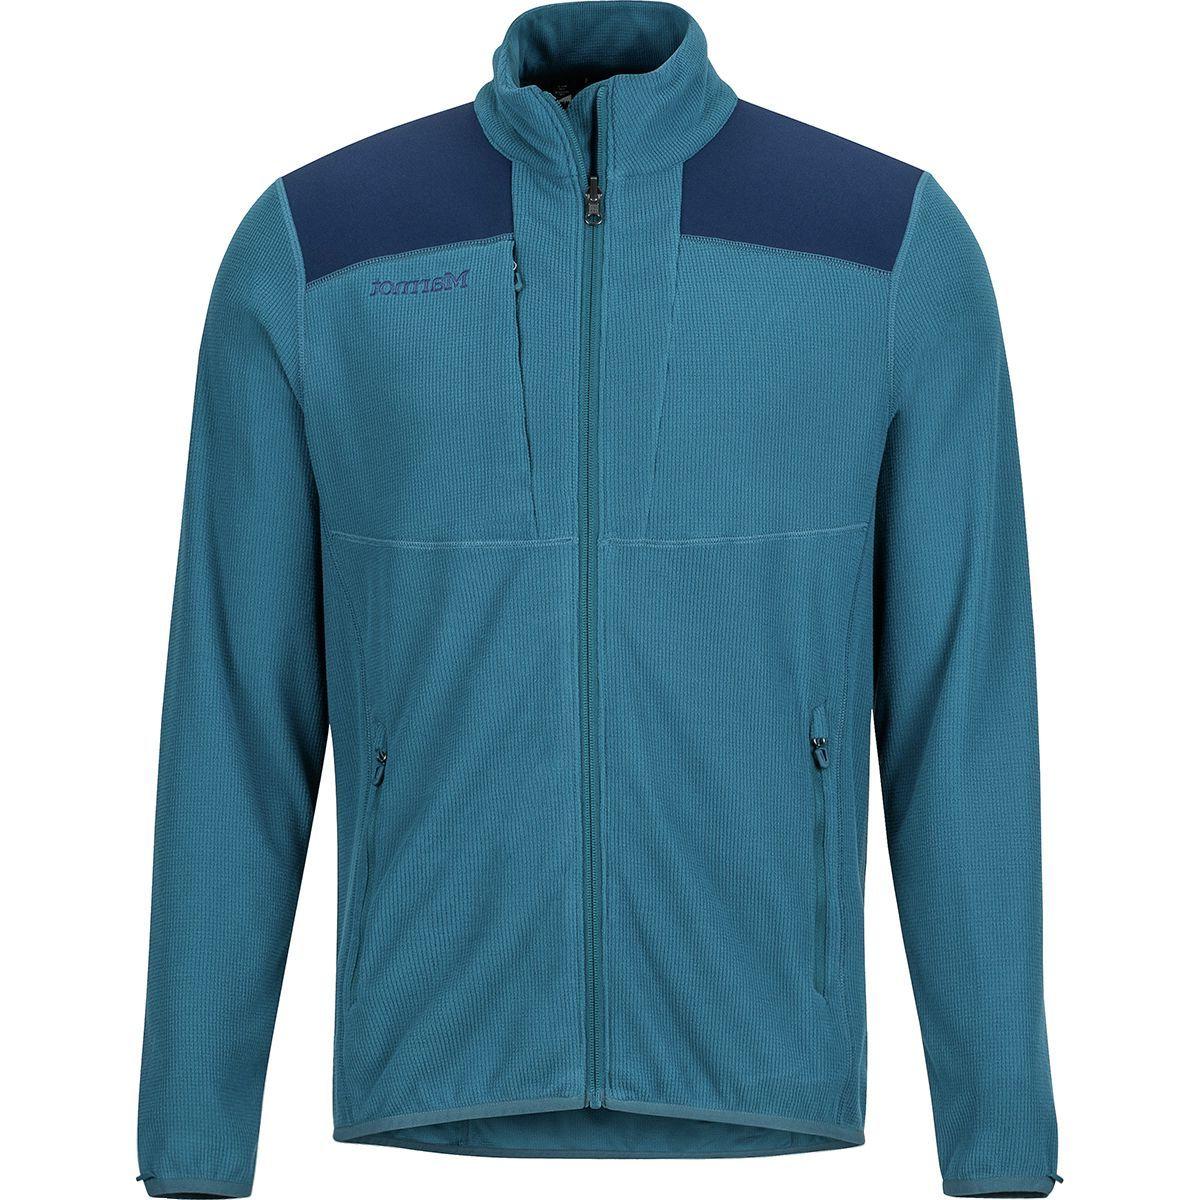 Marmot Reactor Fleece Jacket - Men's